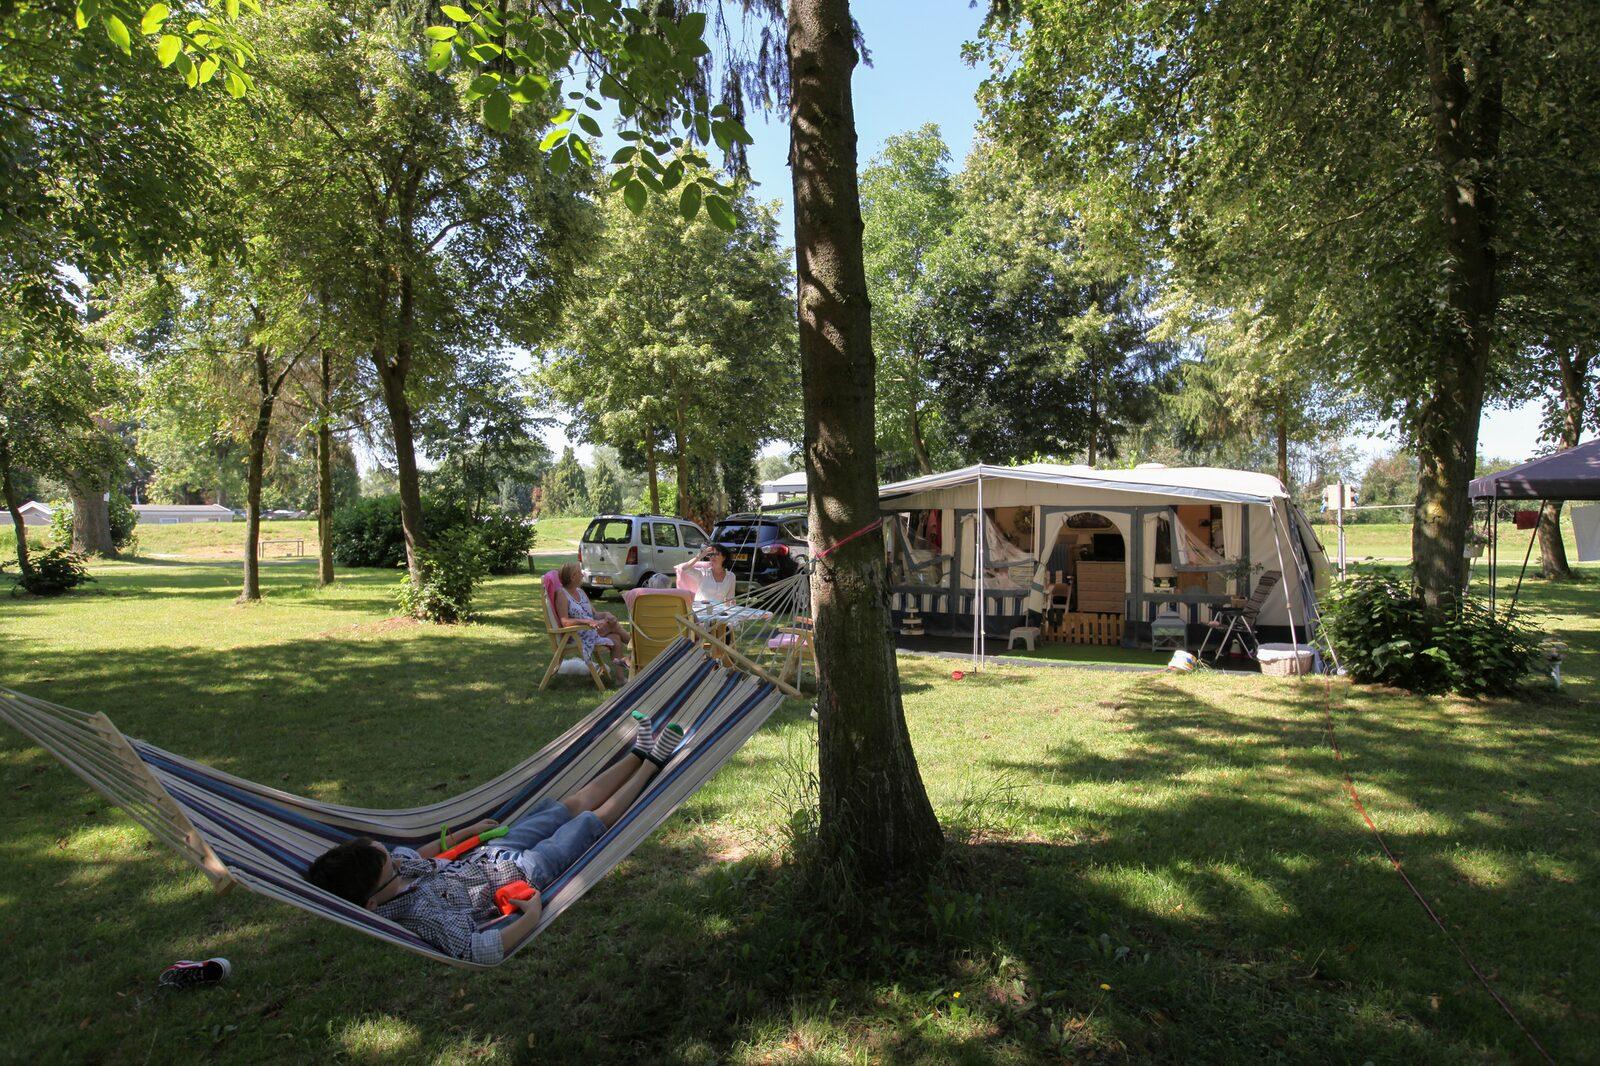 Campsite Camping 2